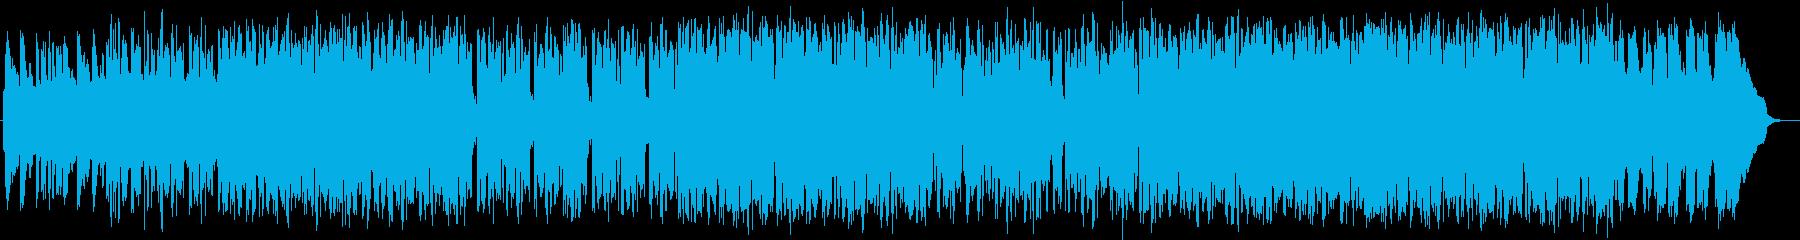 フルートのHip-Hop Jazzの再生済みの波形